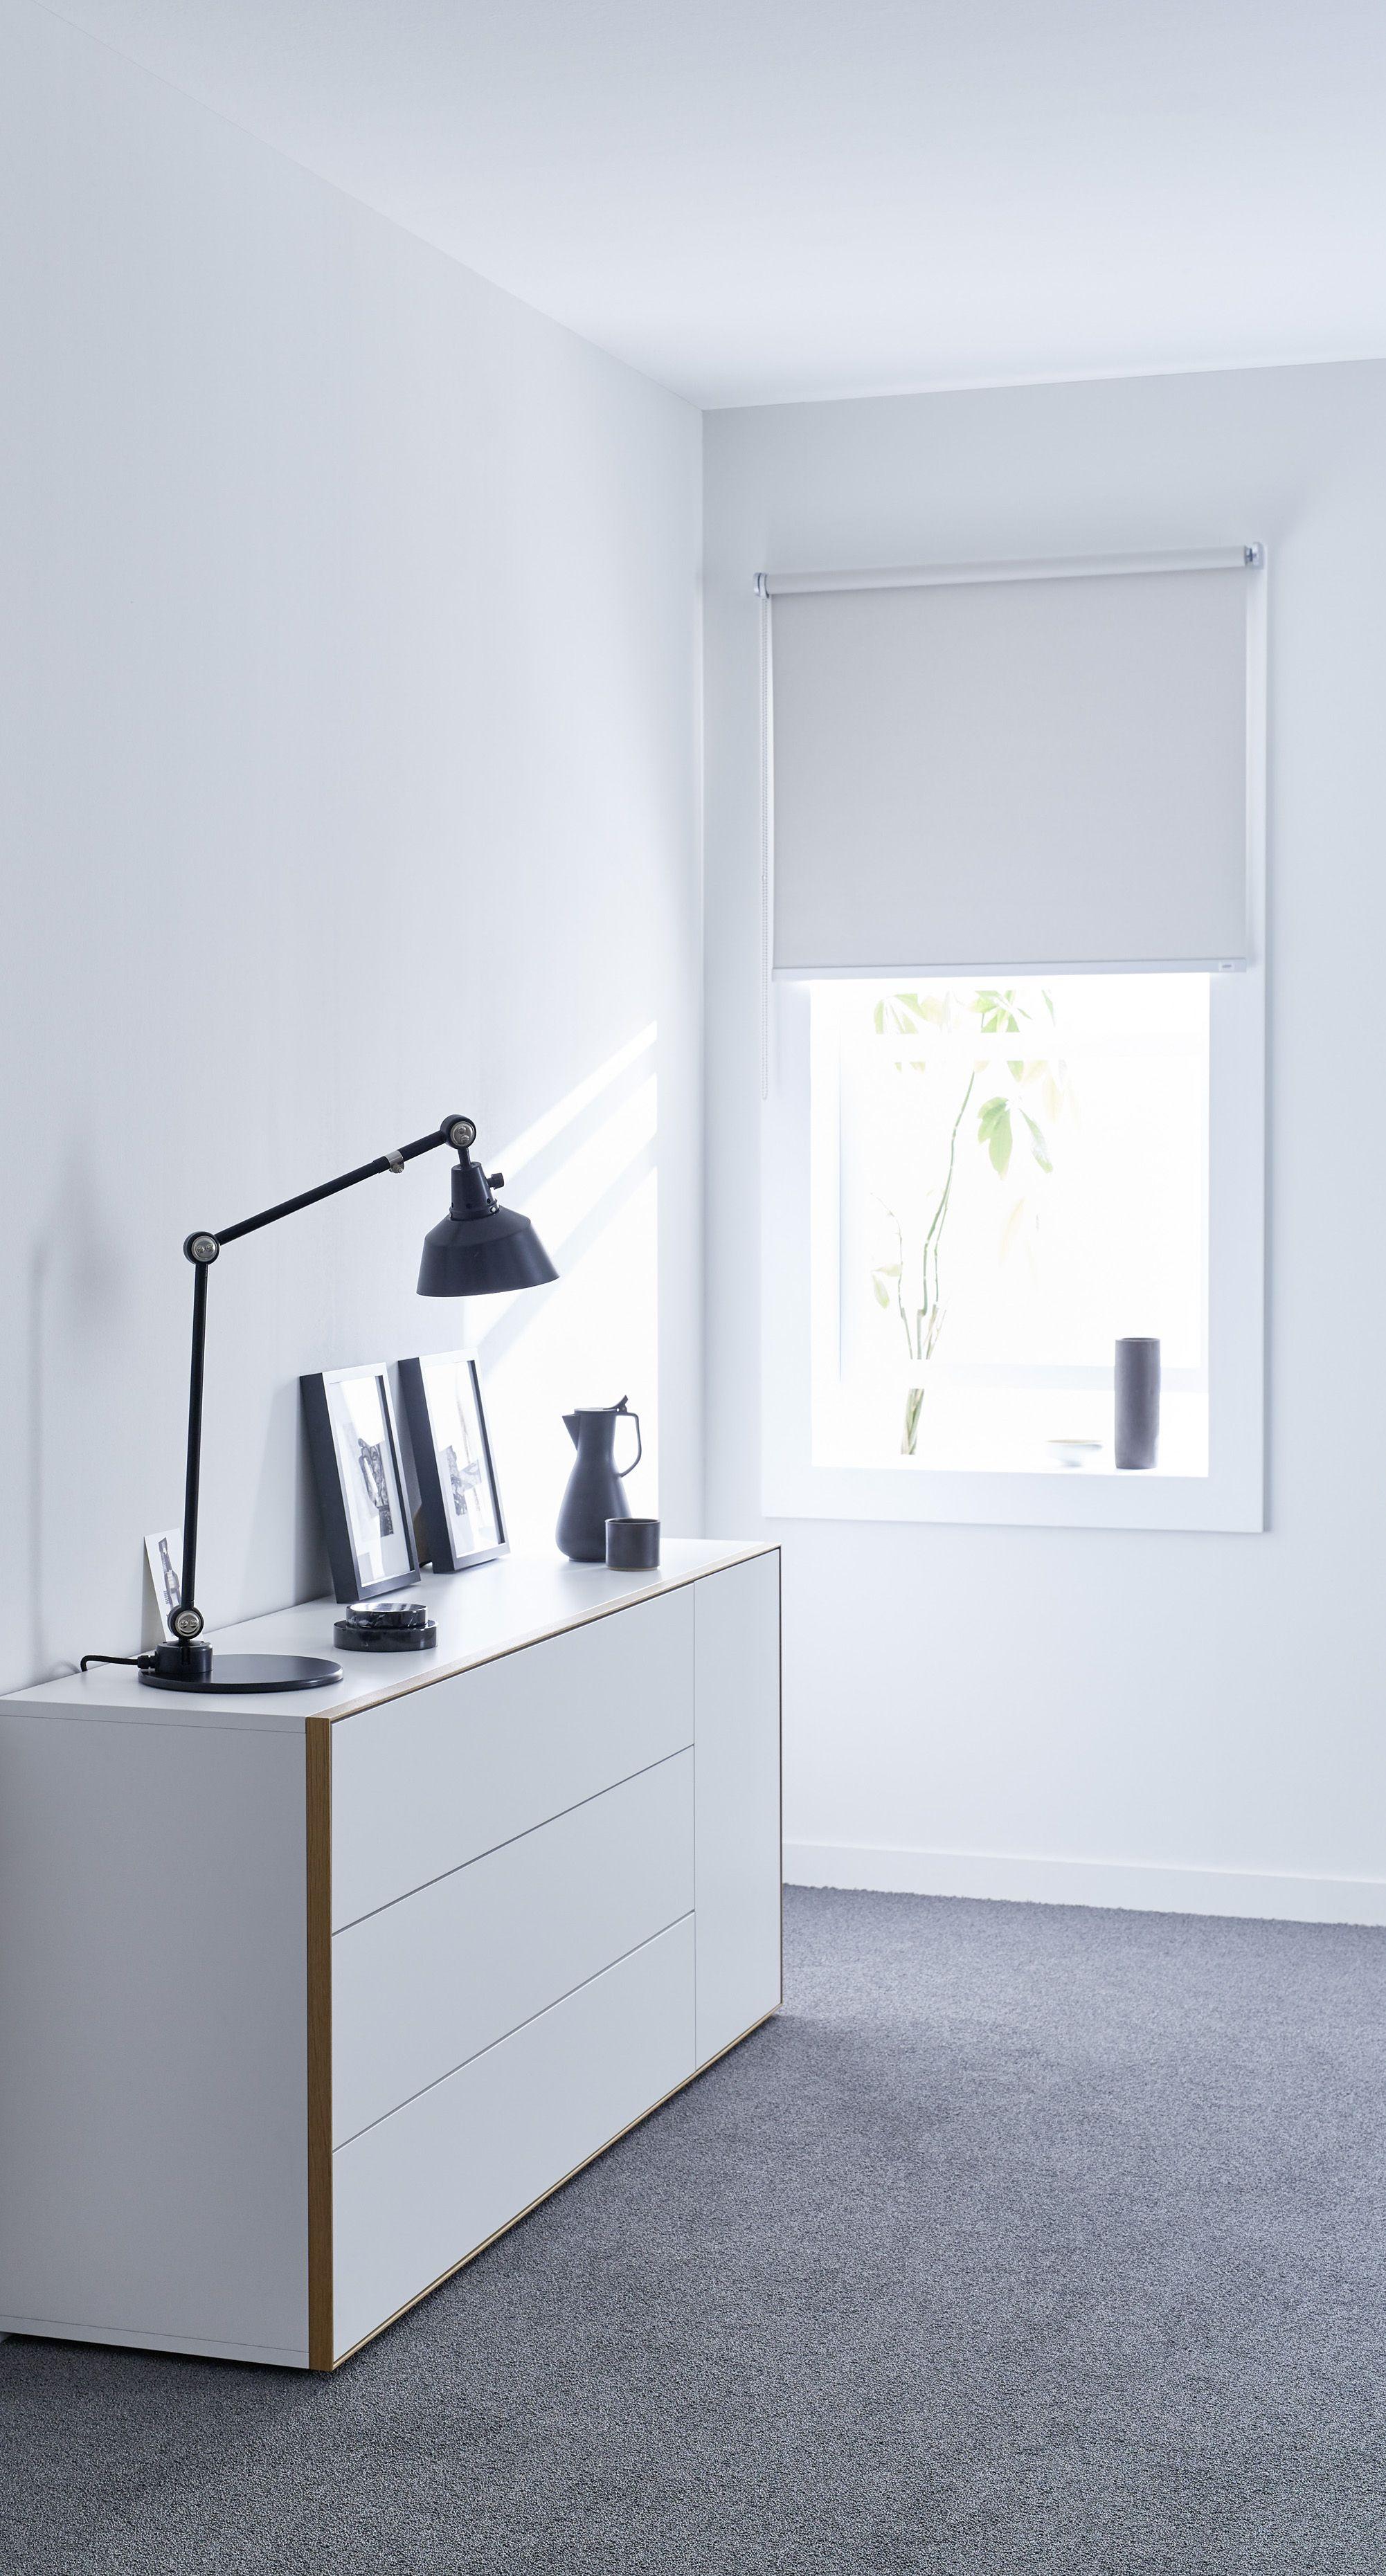 Rollo Plissee Und Vorhang Sonnenschutz Der Schoner Wohnen Kollektion In 2020 Schoner Wohnen Wohnen Fensterdekoration